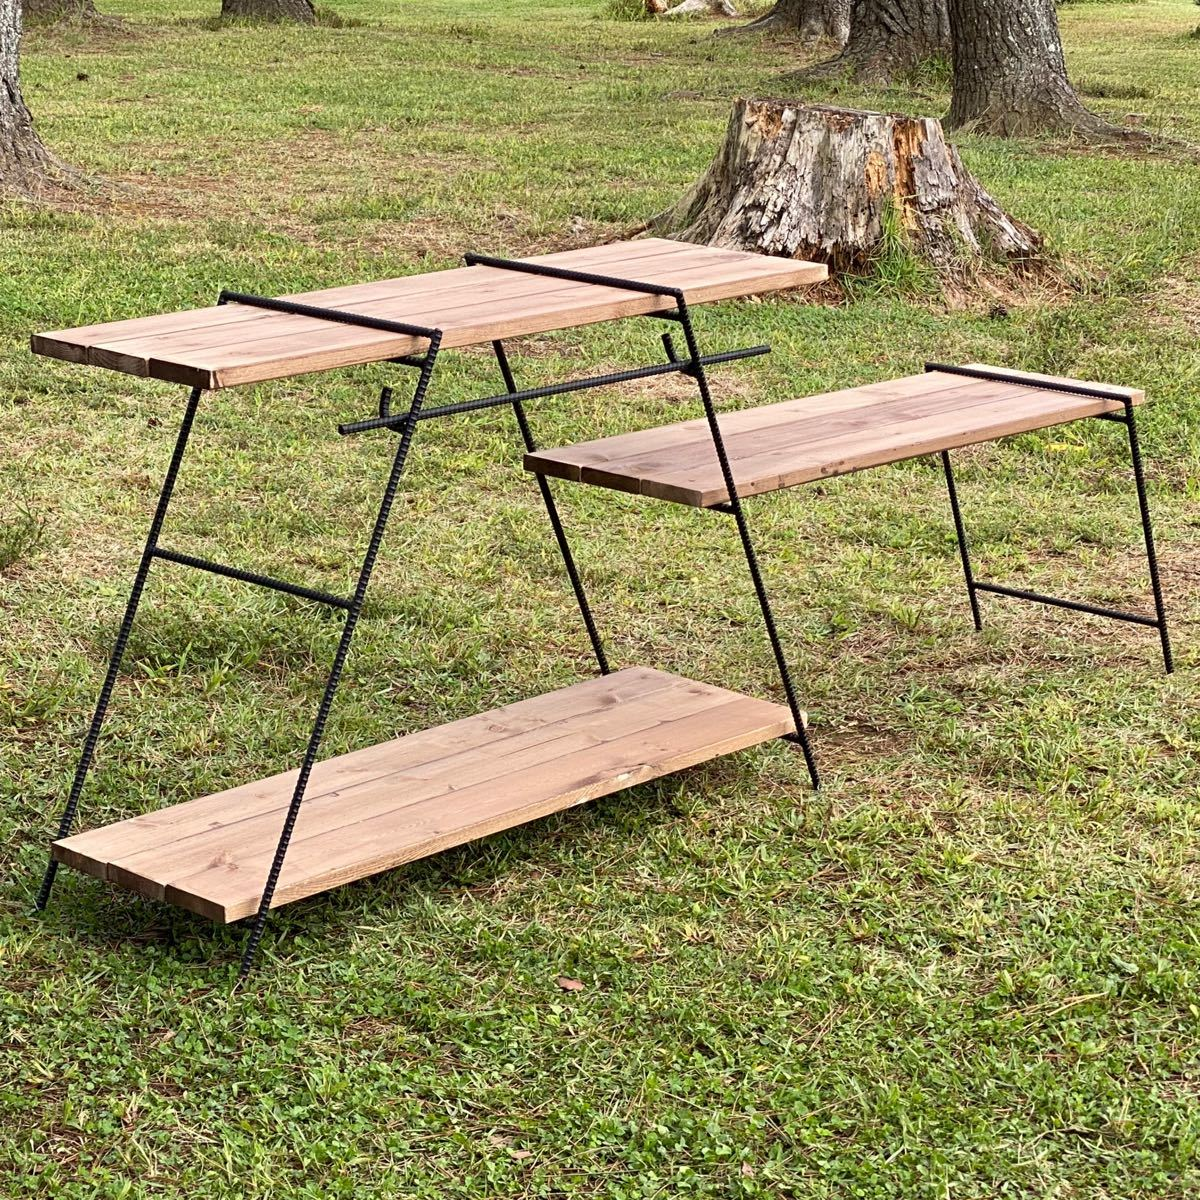 アイアンラック フック棒付 保護キャップ付 鉄脚のみ アイアンレグ テーブル